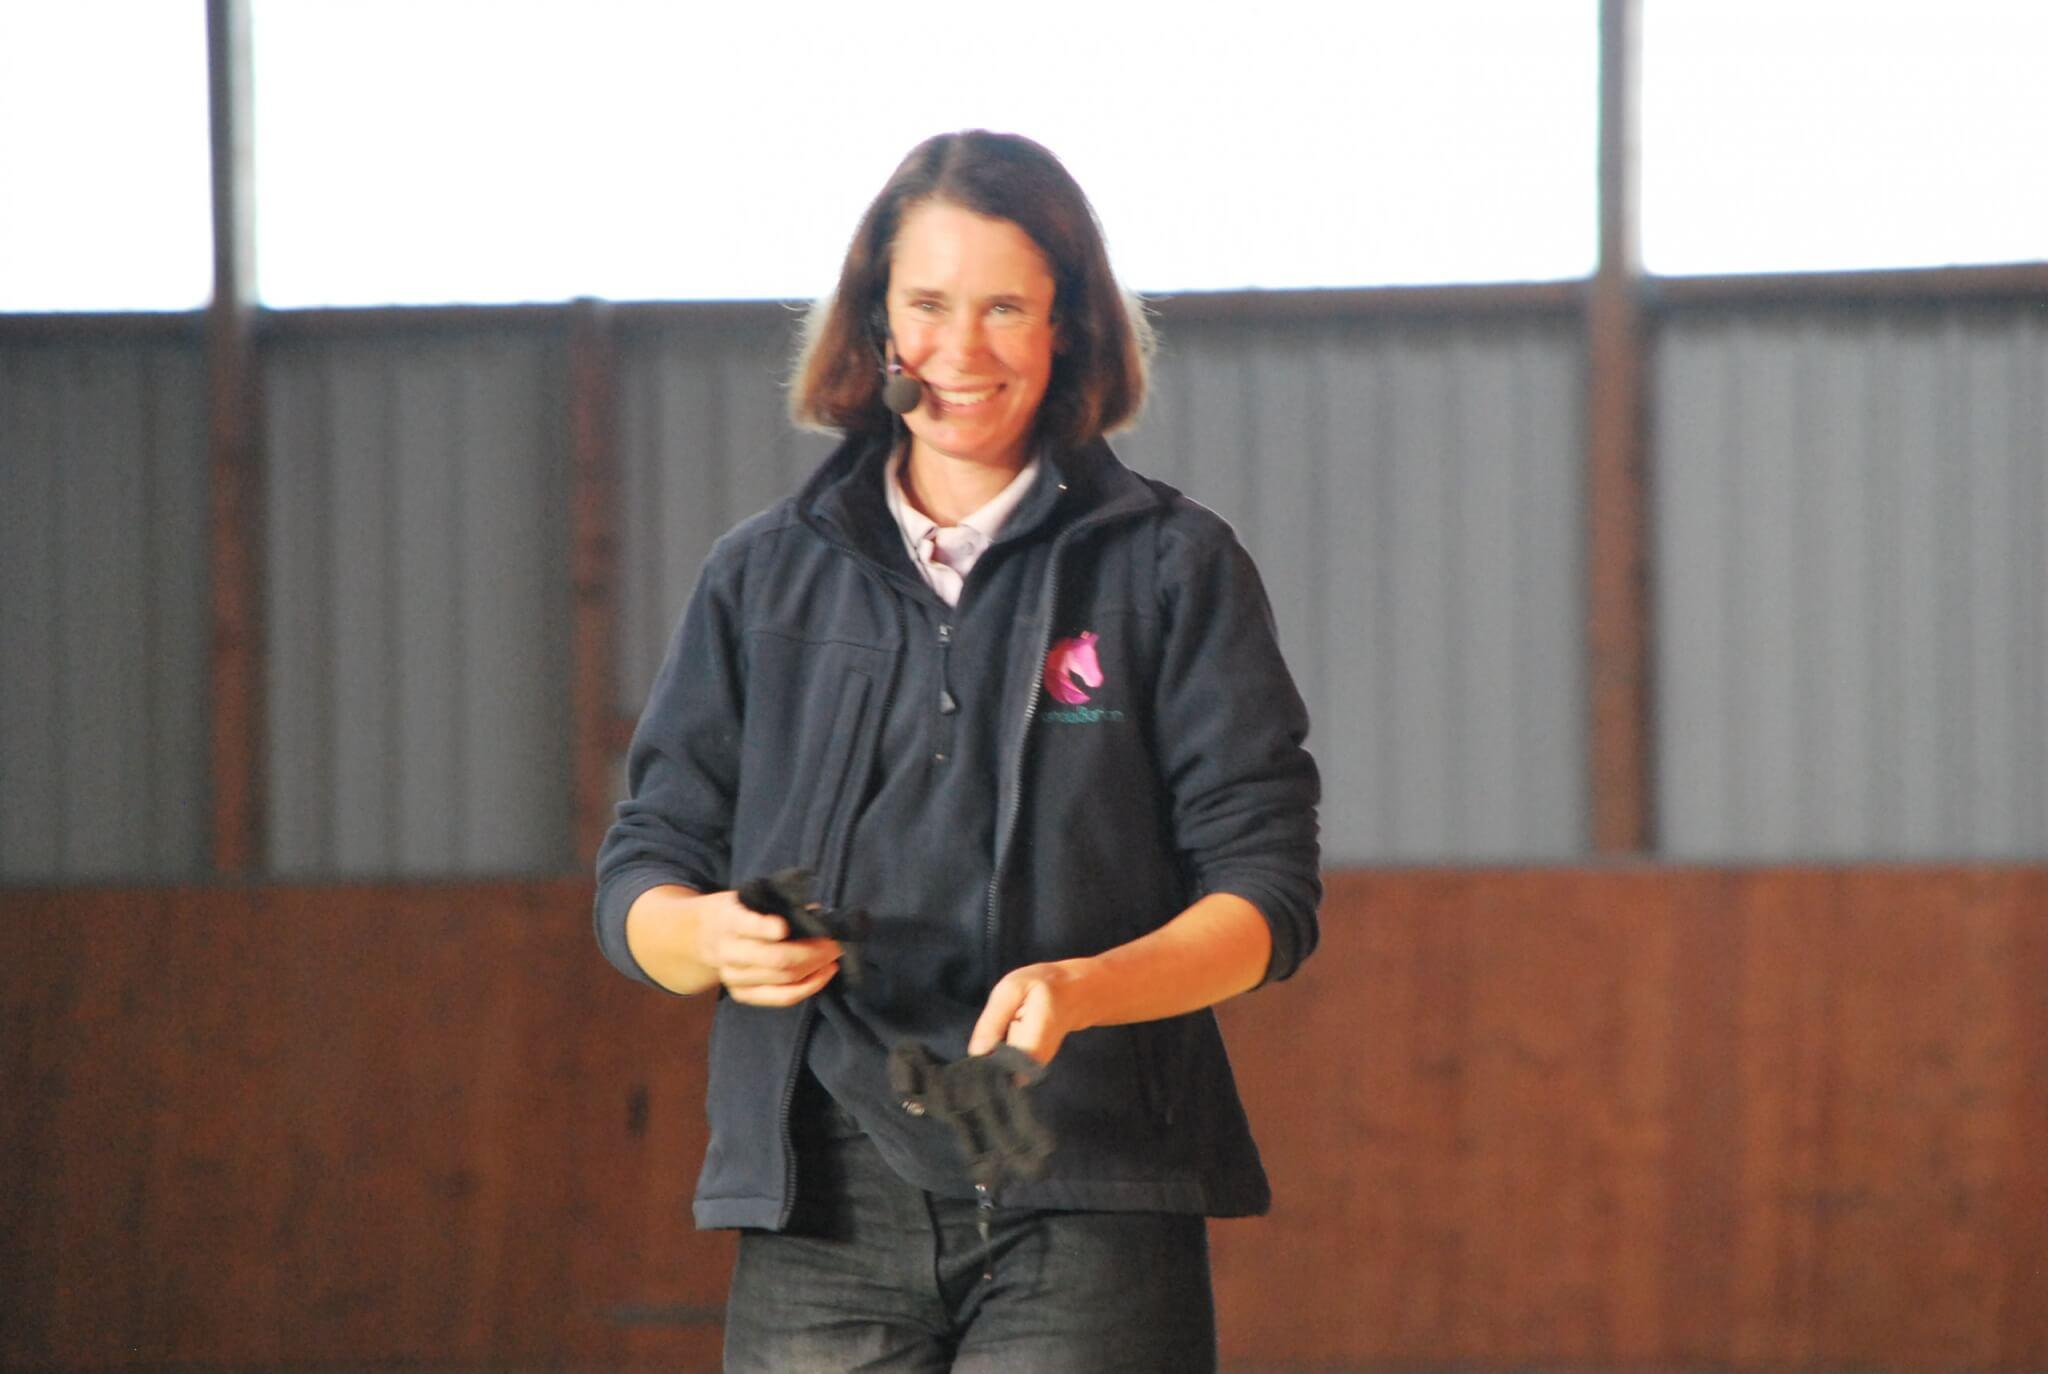 Horsemanship nach Mark Rashid: Auch 2015 wieder zwei Termine mit Amanda Barton in Brunsbüttel